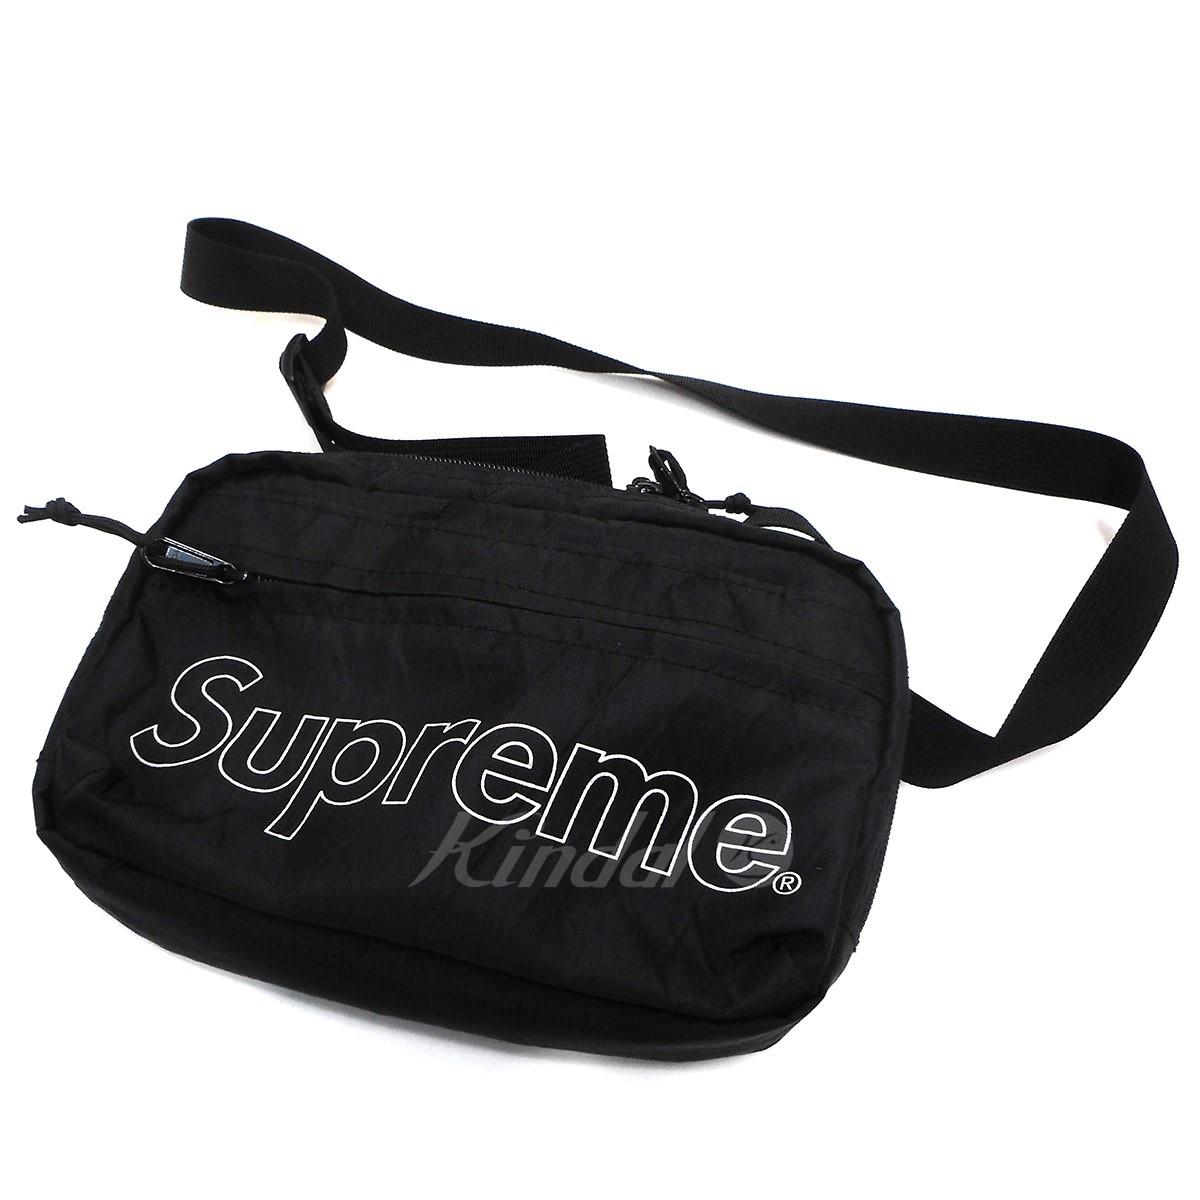 【中古】SUPREME 18AW Shoulder Bag ショルダーバッグ ブラック 【送料無料】 【241018】(シュプリーム)